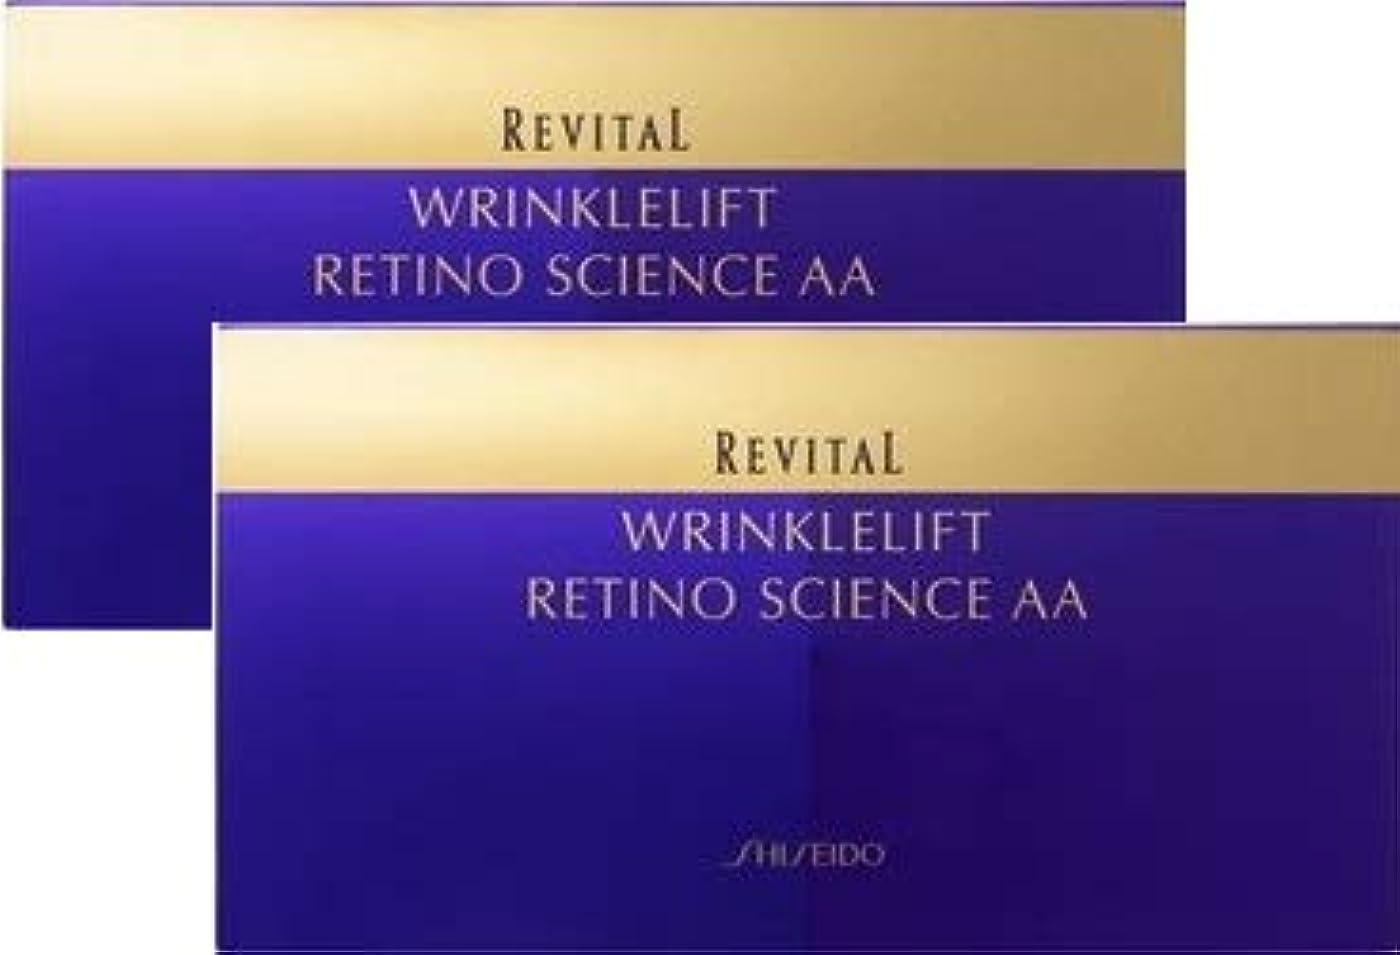 減る狼改善リバイタル リンクルリフト レチノサイエンスAA N 12包(24枚) 【医薬部外品】×2個セット